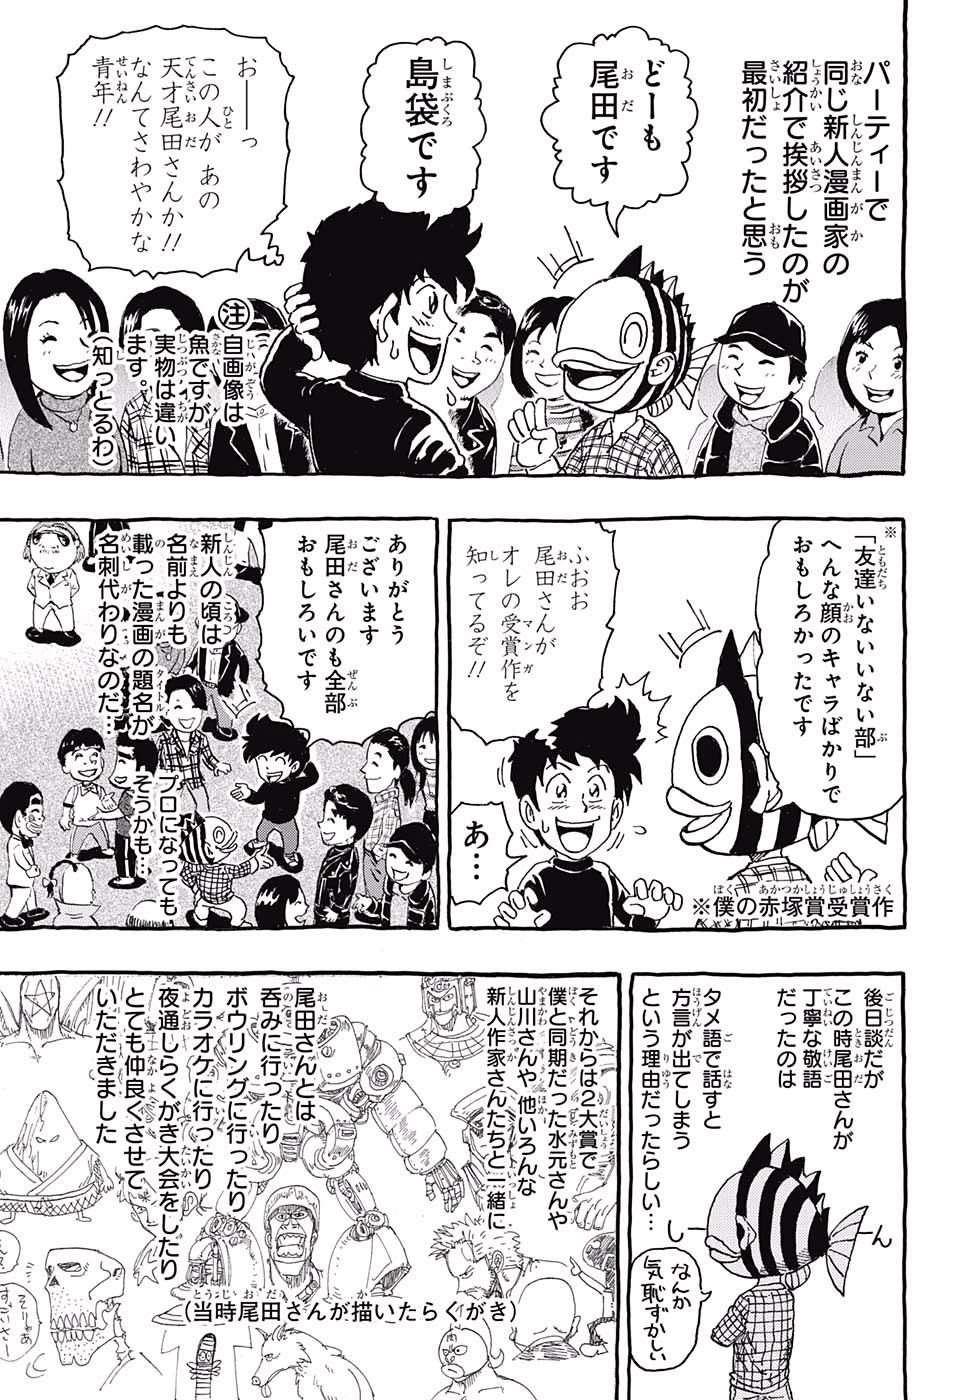 One Piece Manga 2017 VcyzilkM